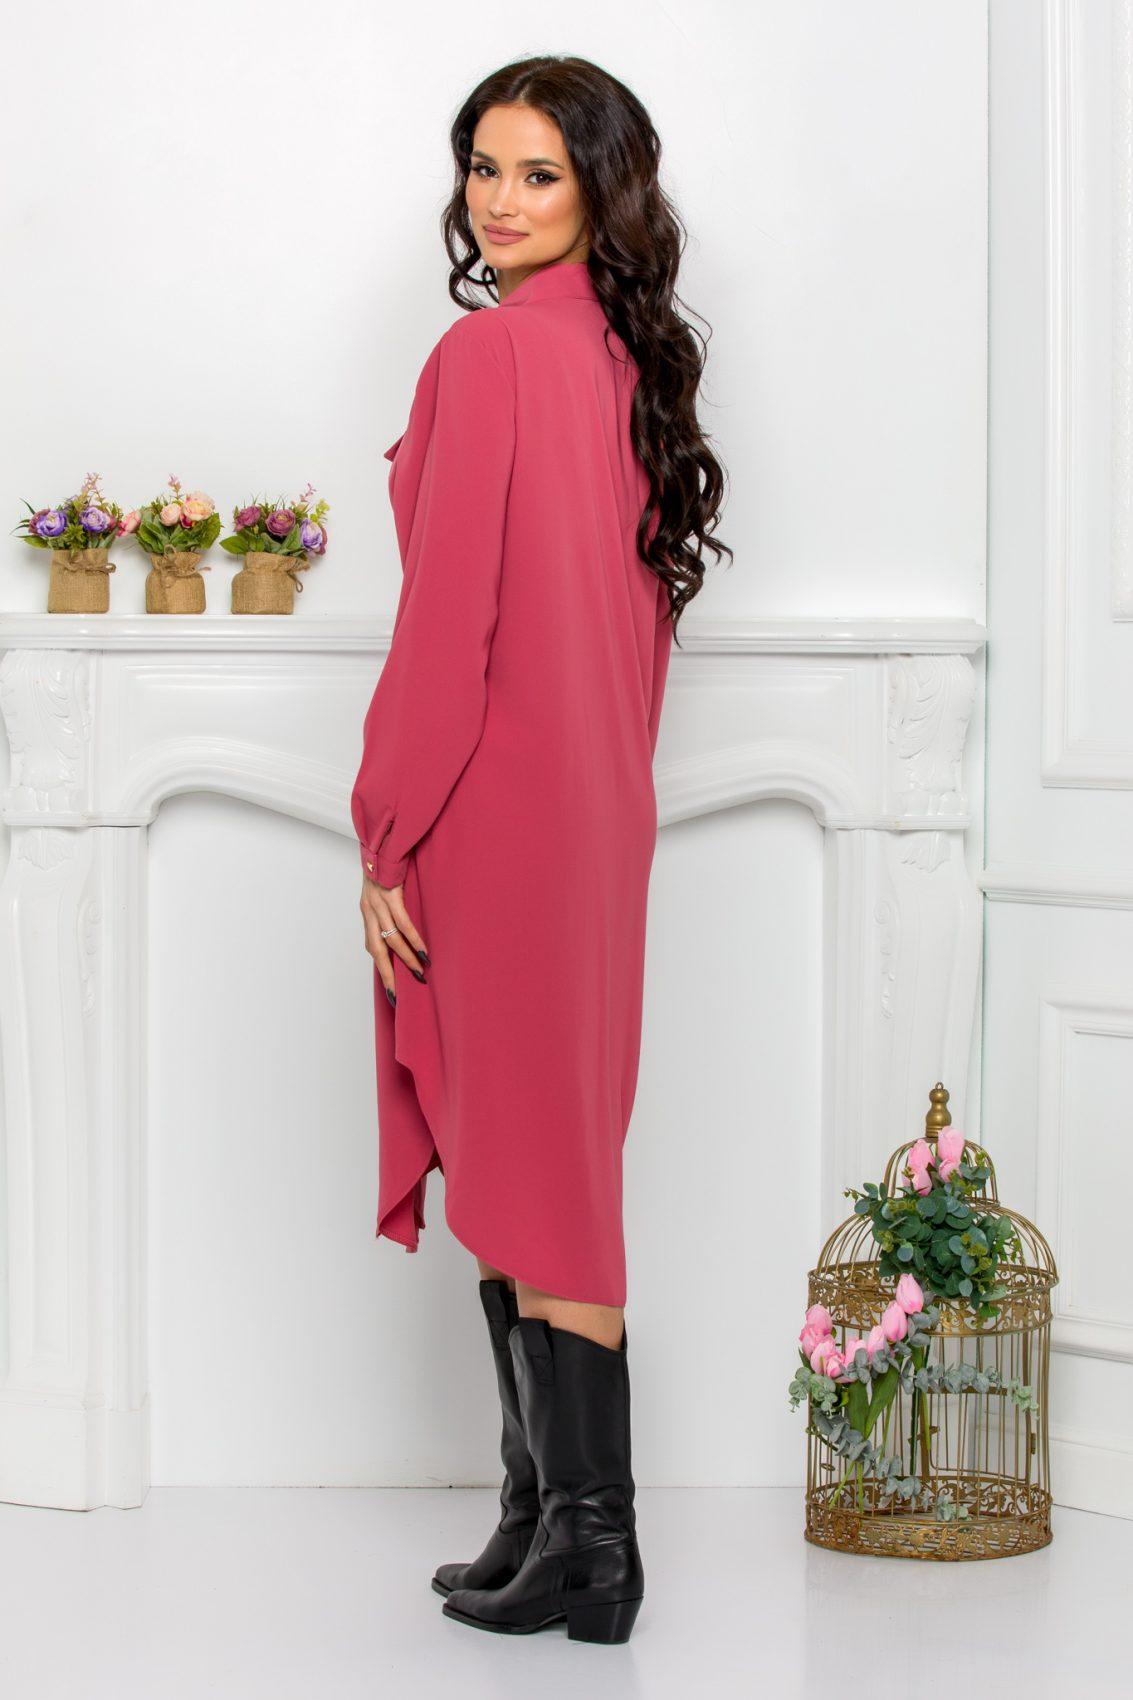 Ροζ Φόρεμα Πουκάμισο Μεγάλα Μεγέθη Kandy 9527 2